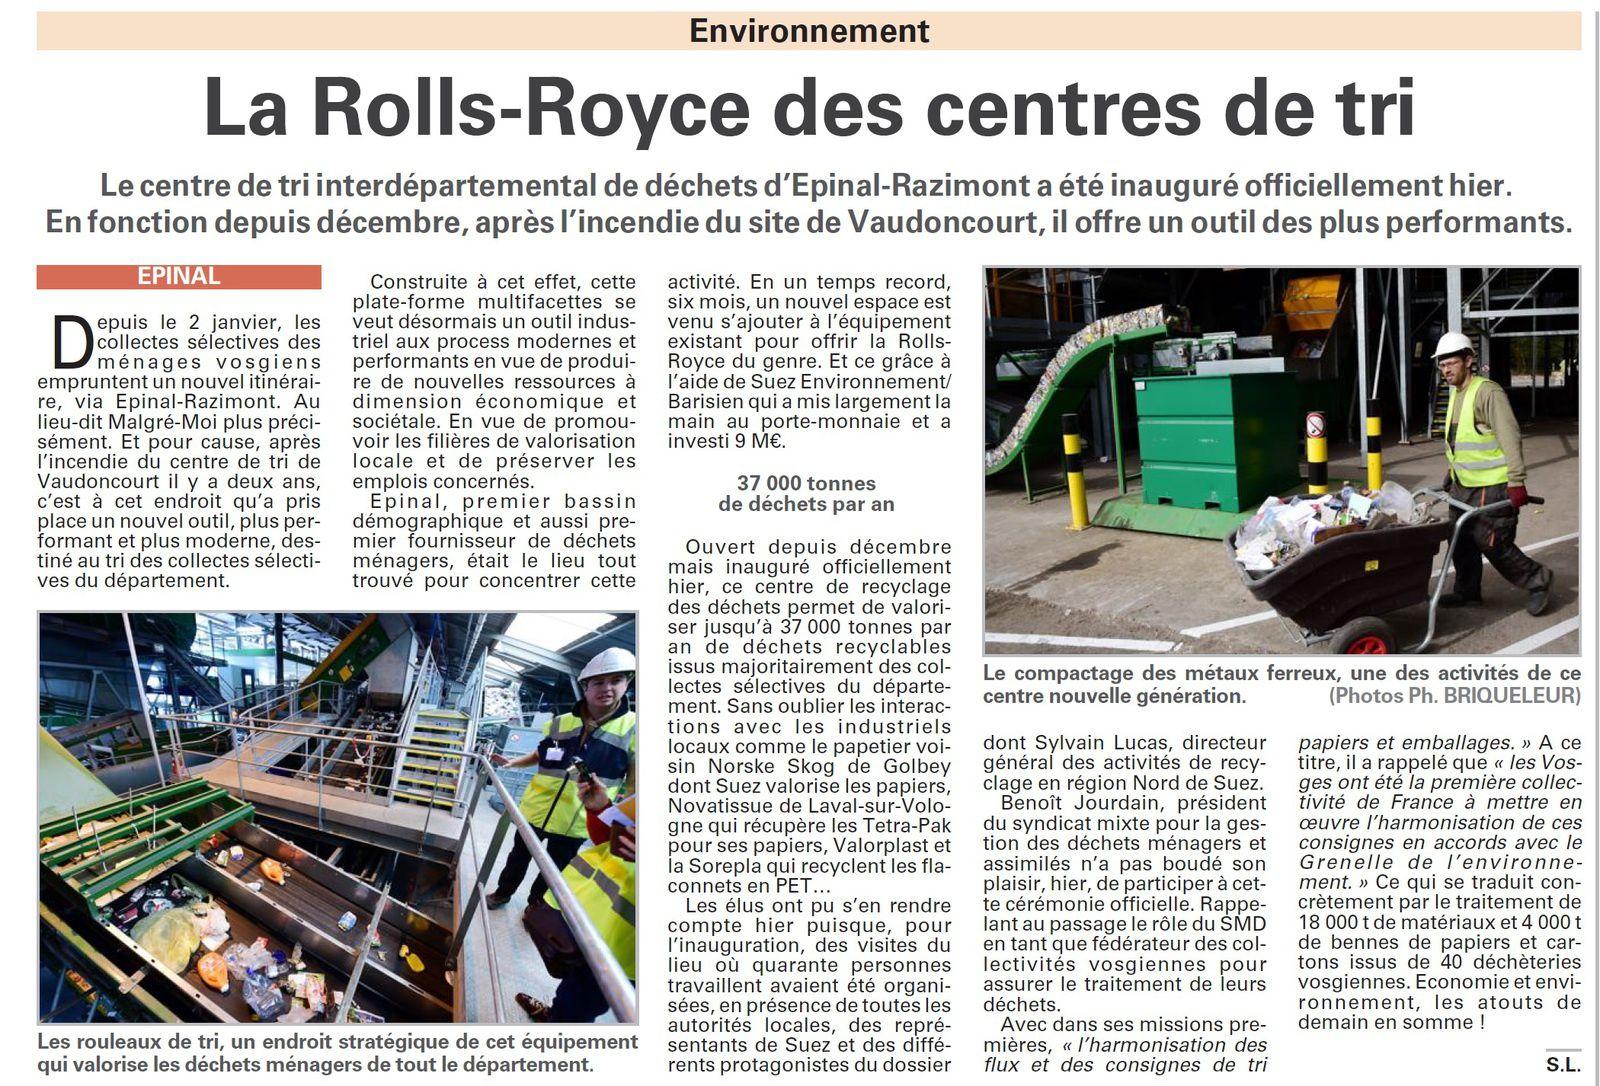 Epinal - Razimont : la Rolls-Royce des centres de tri (Vosges Matin)